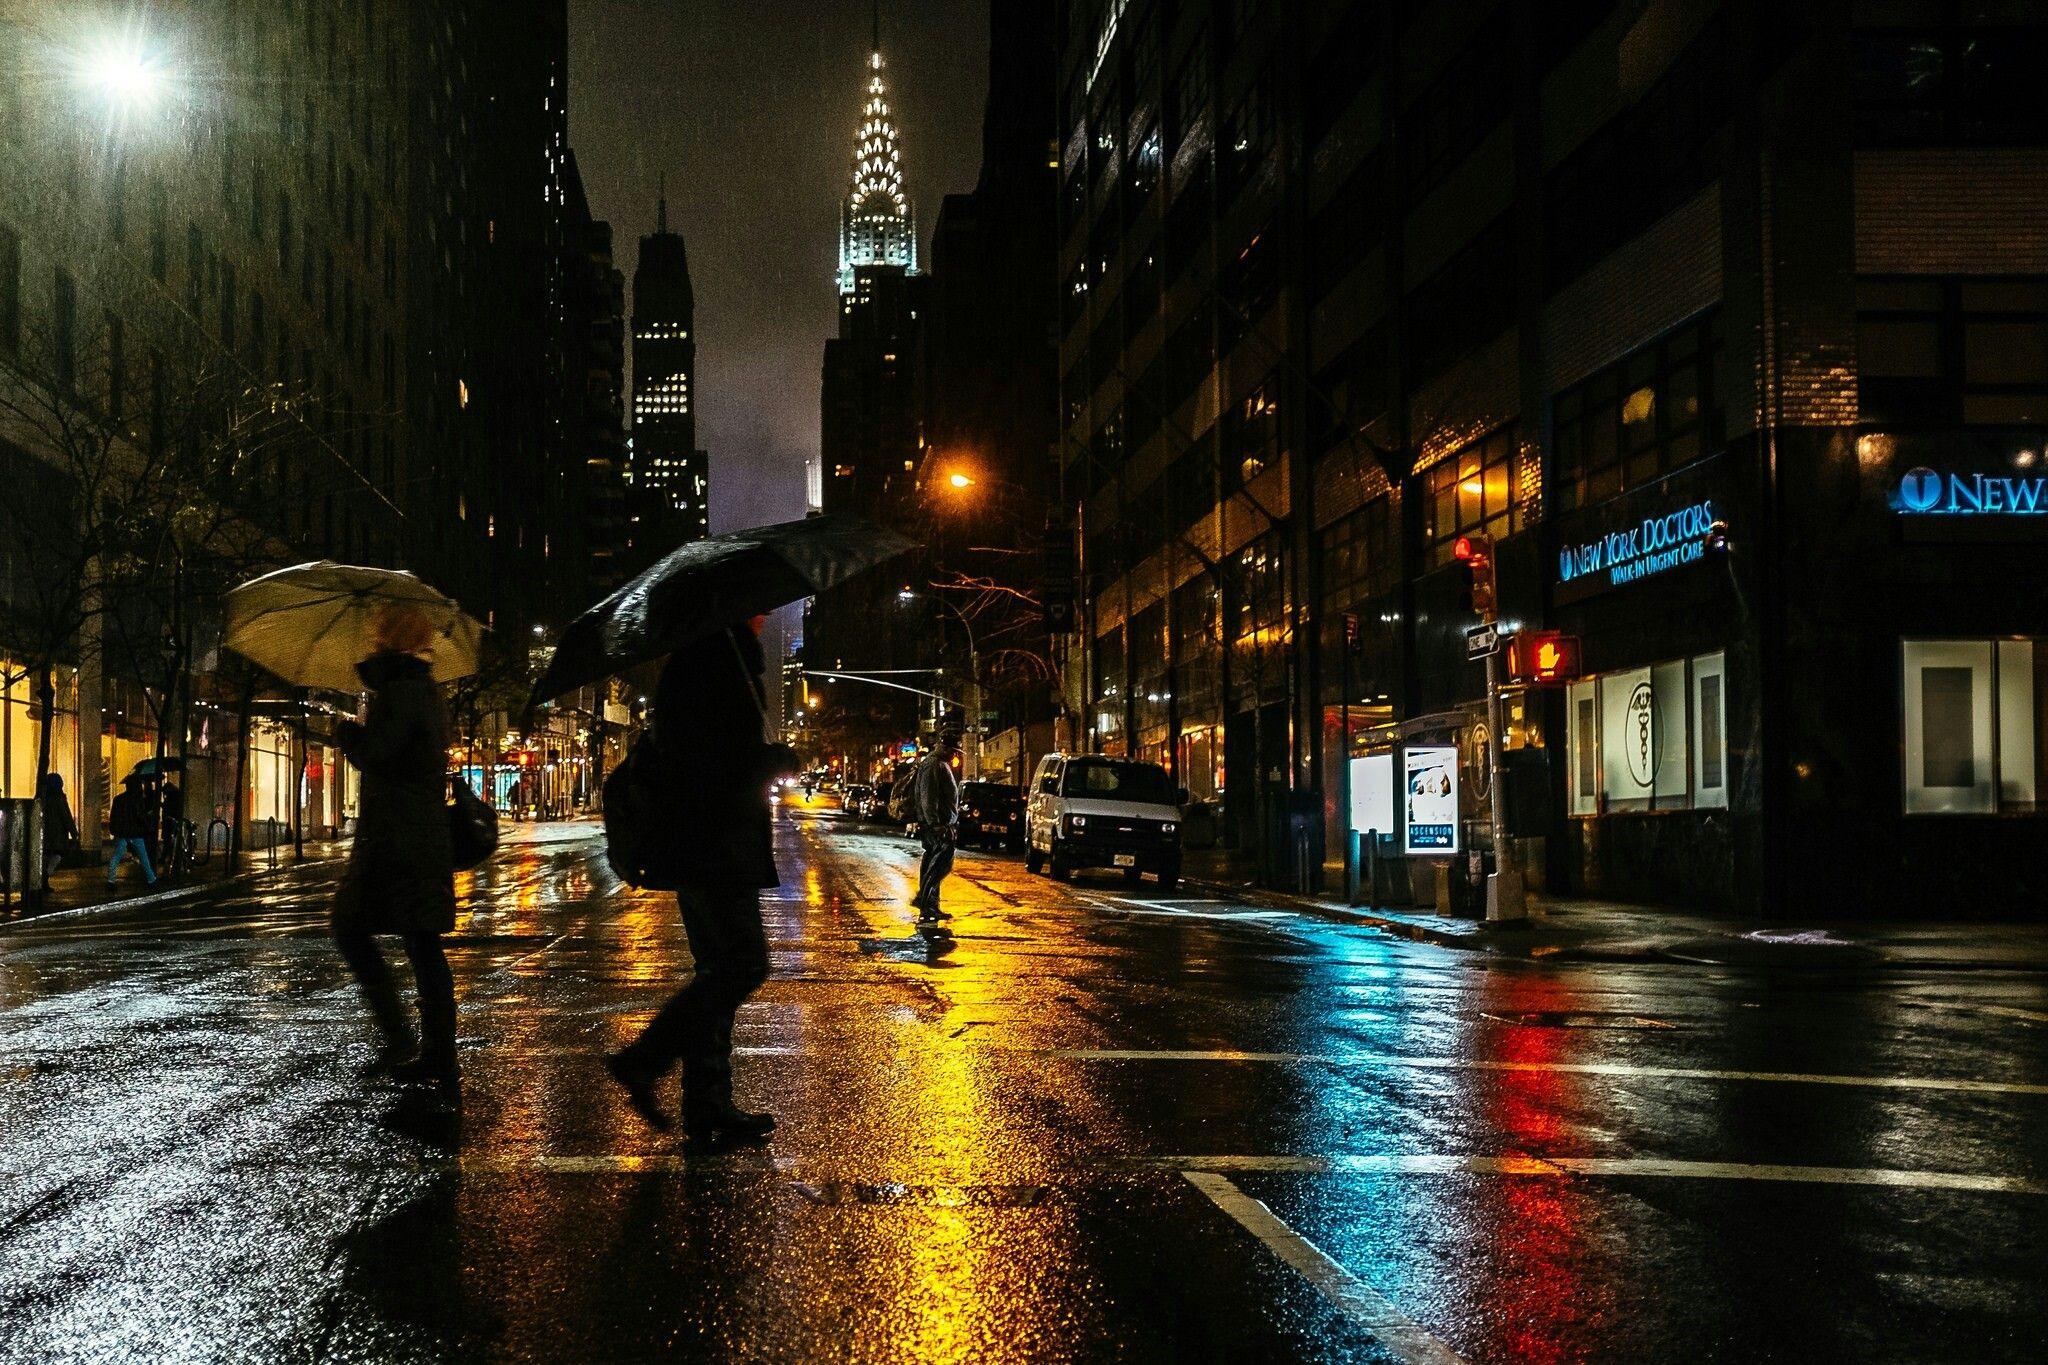 Rainy Night In Nyc City Rain Rainy City City